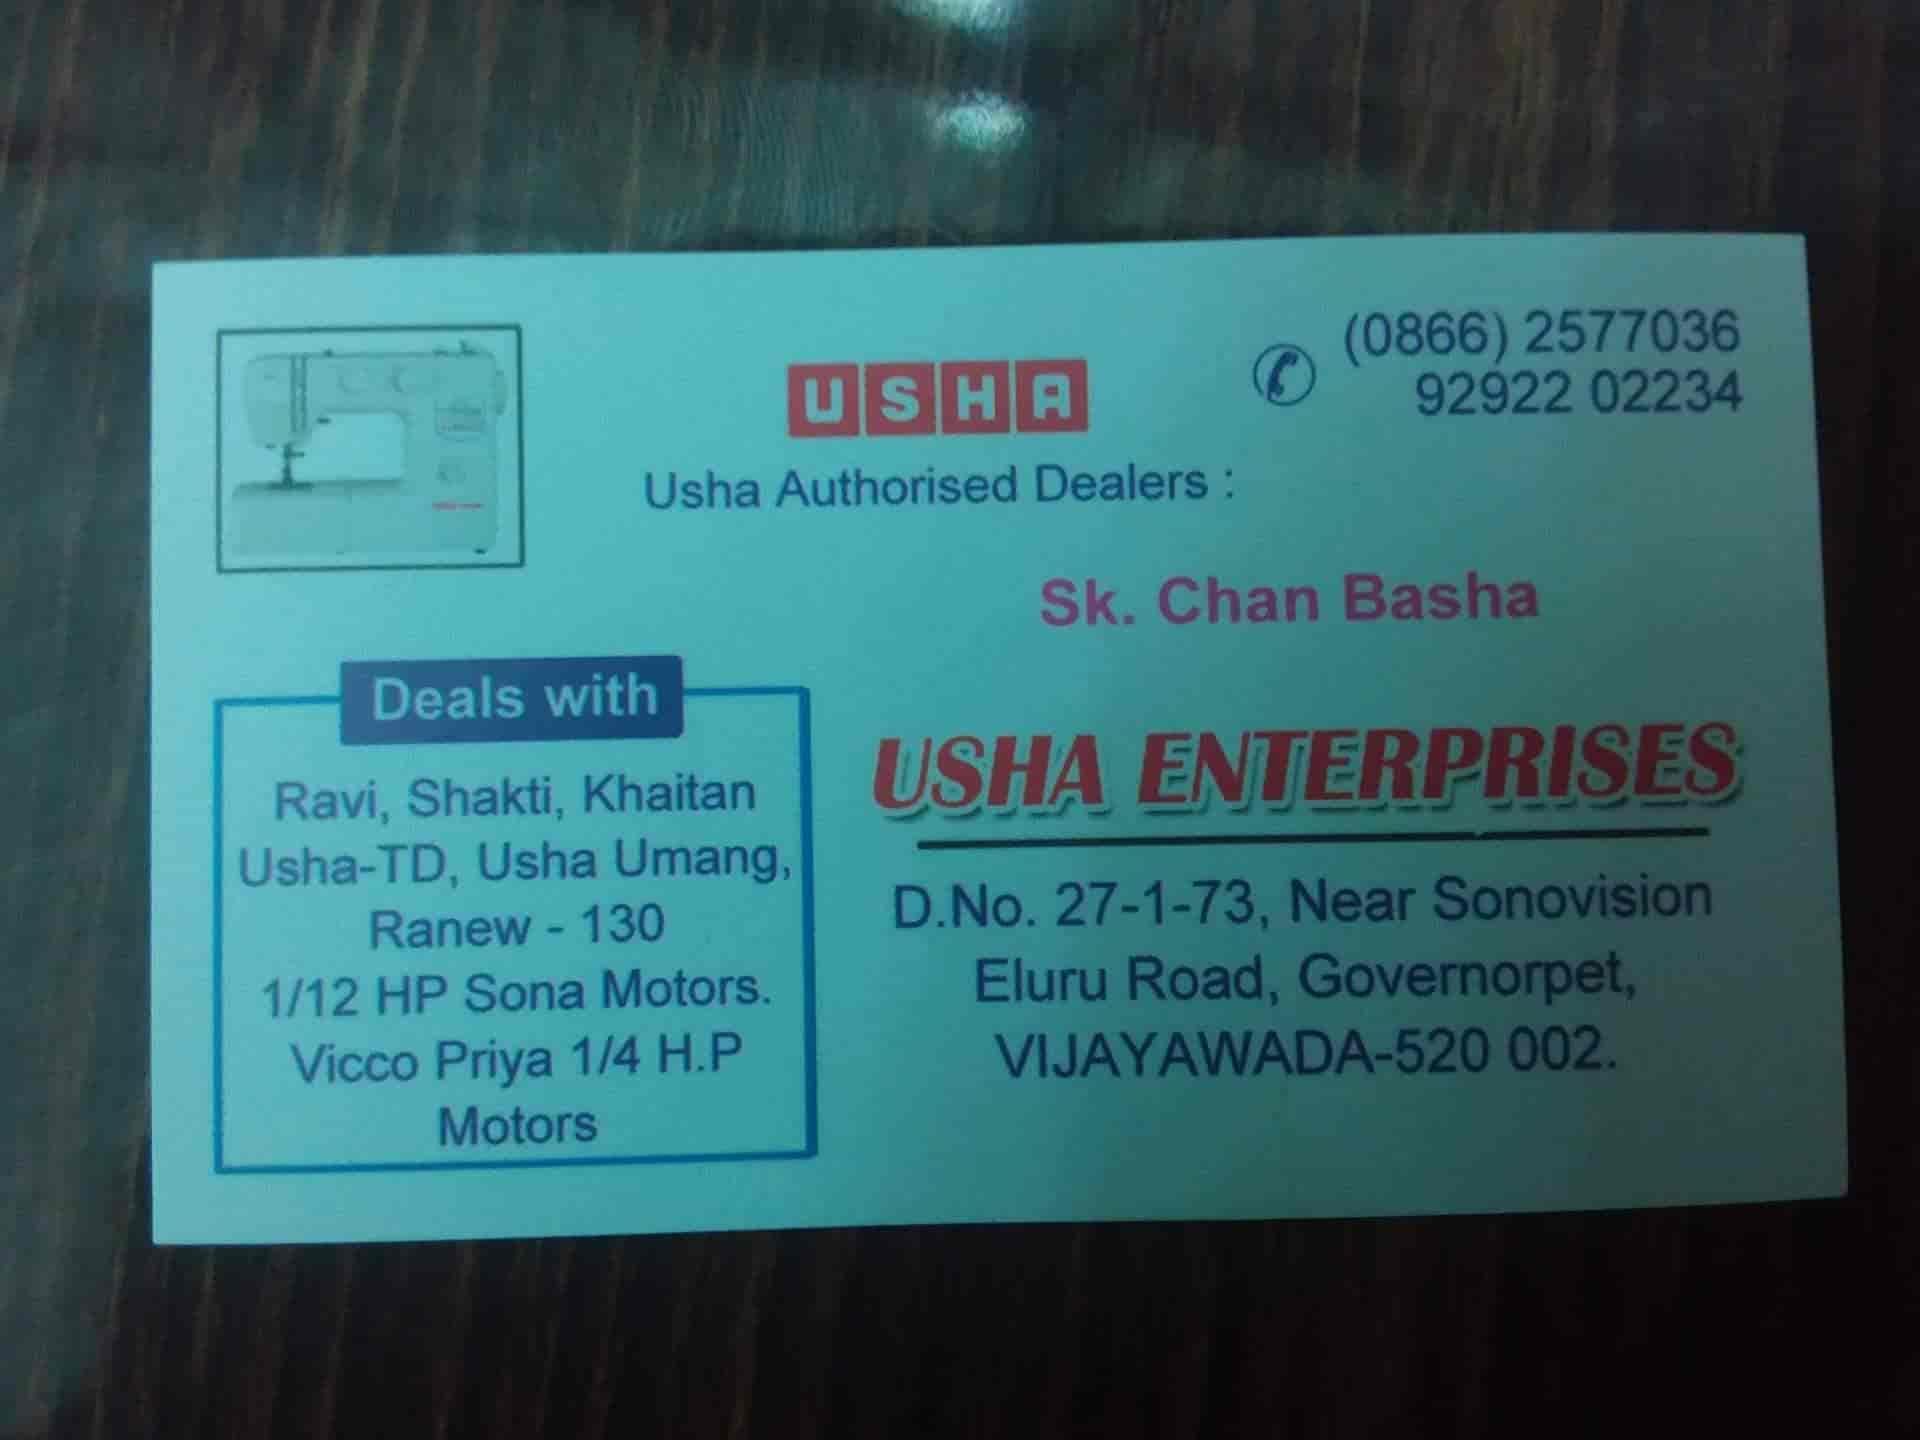 Usha Enterprises, Governerpet - Ushaa Enterprises - Sewing Machine ...